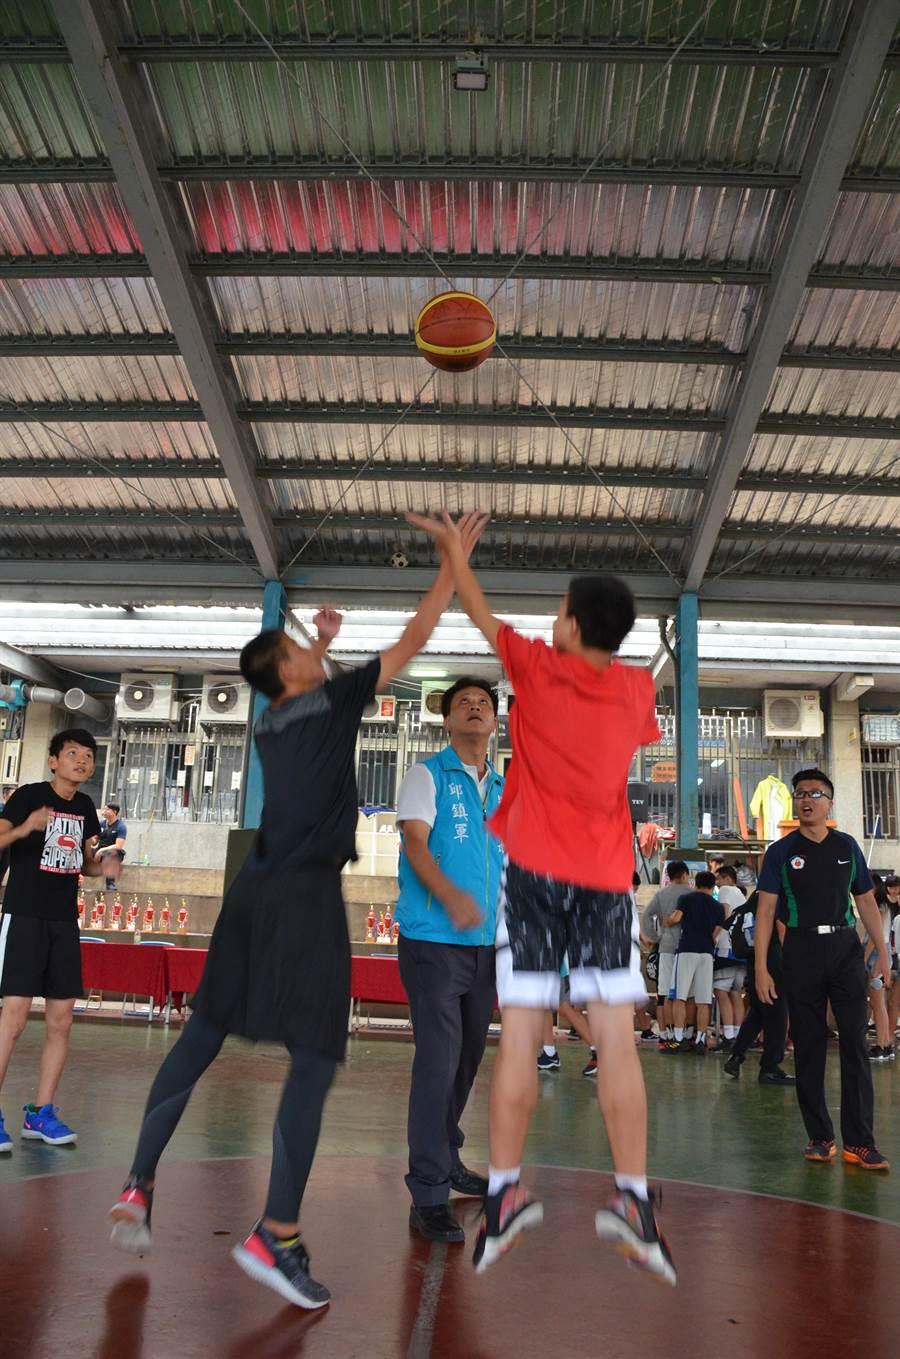 苗栗市青春3對3籃球鬥牛賽6日舉行,圖為苗栗市長邱鎮軍開球。(苗栗警分局提供)